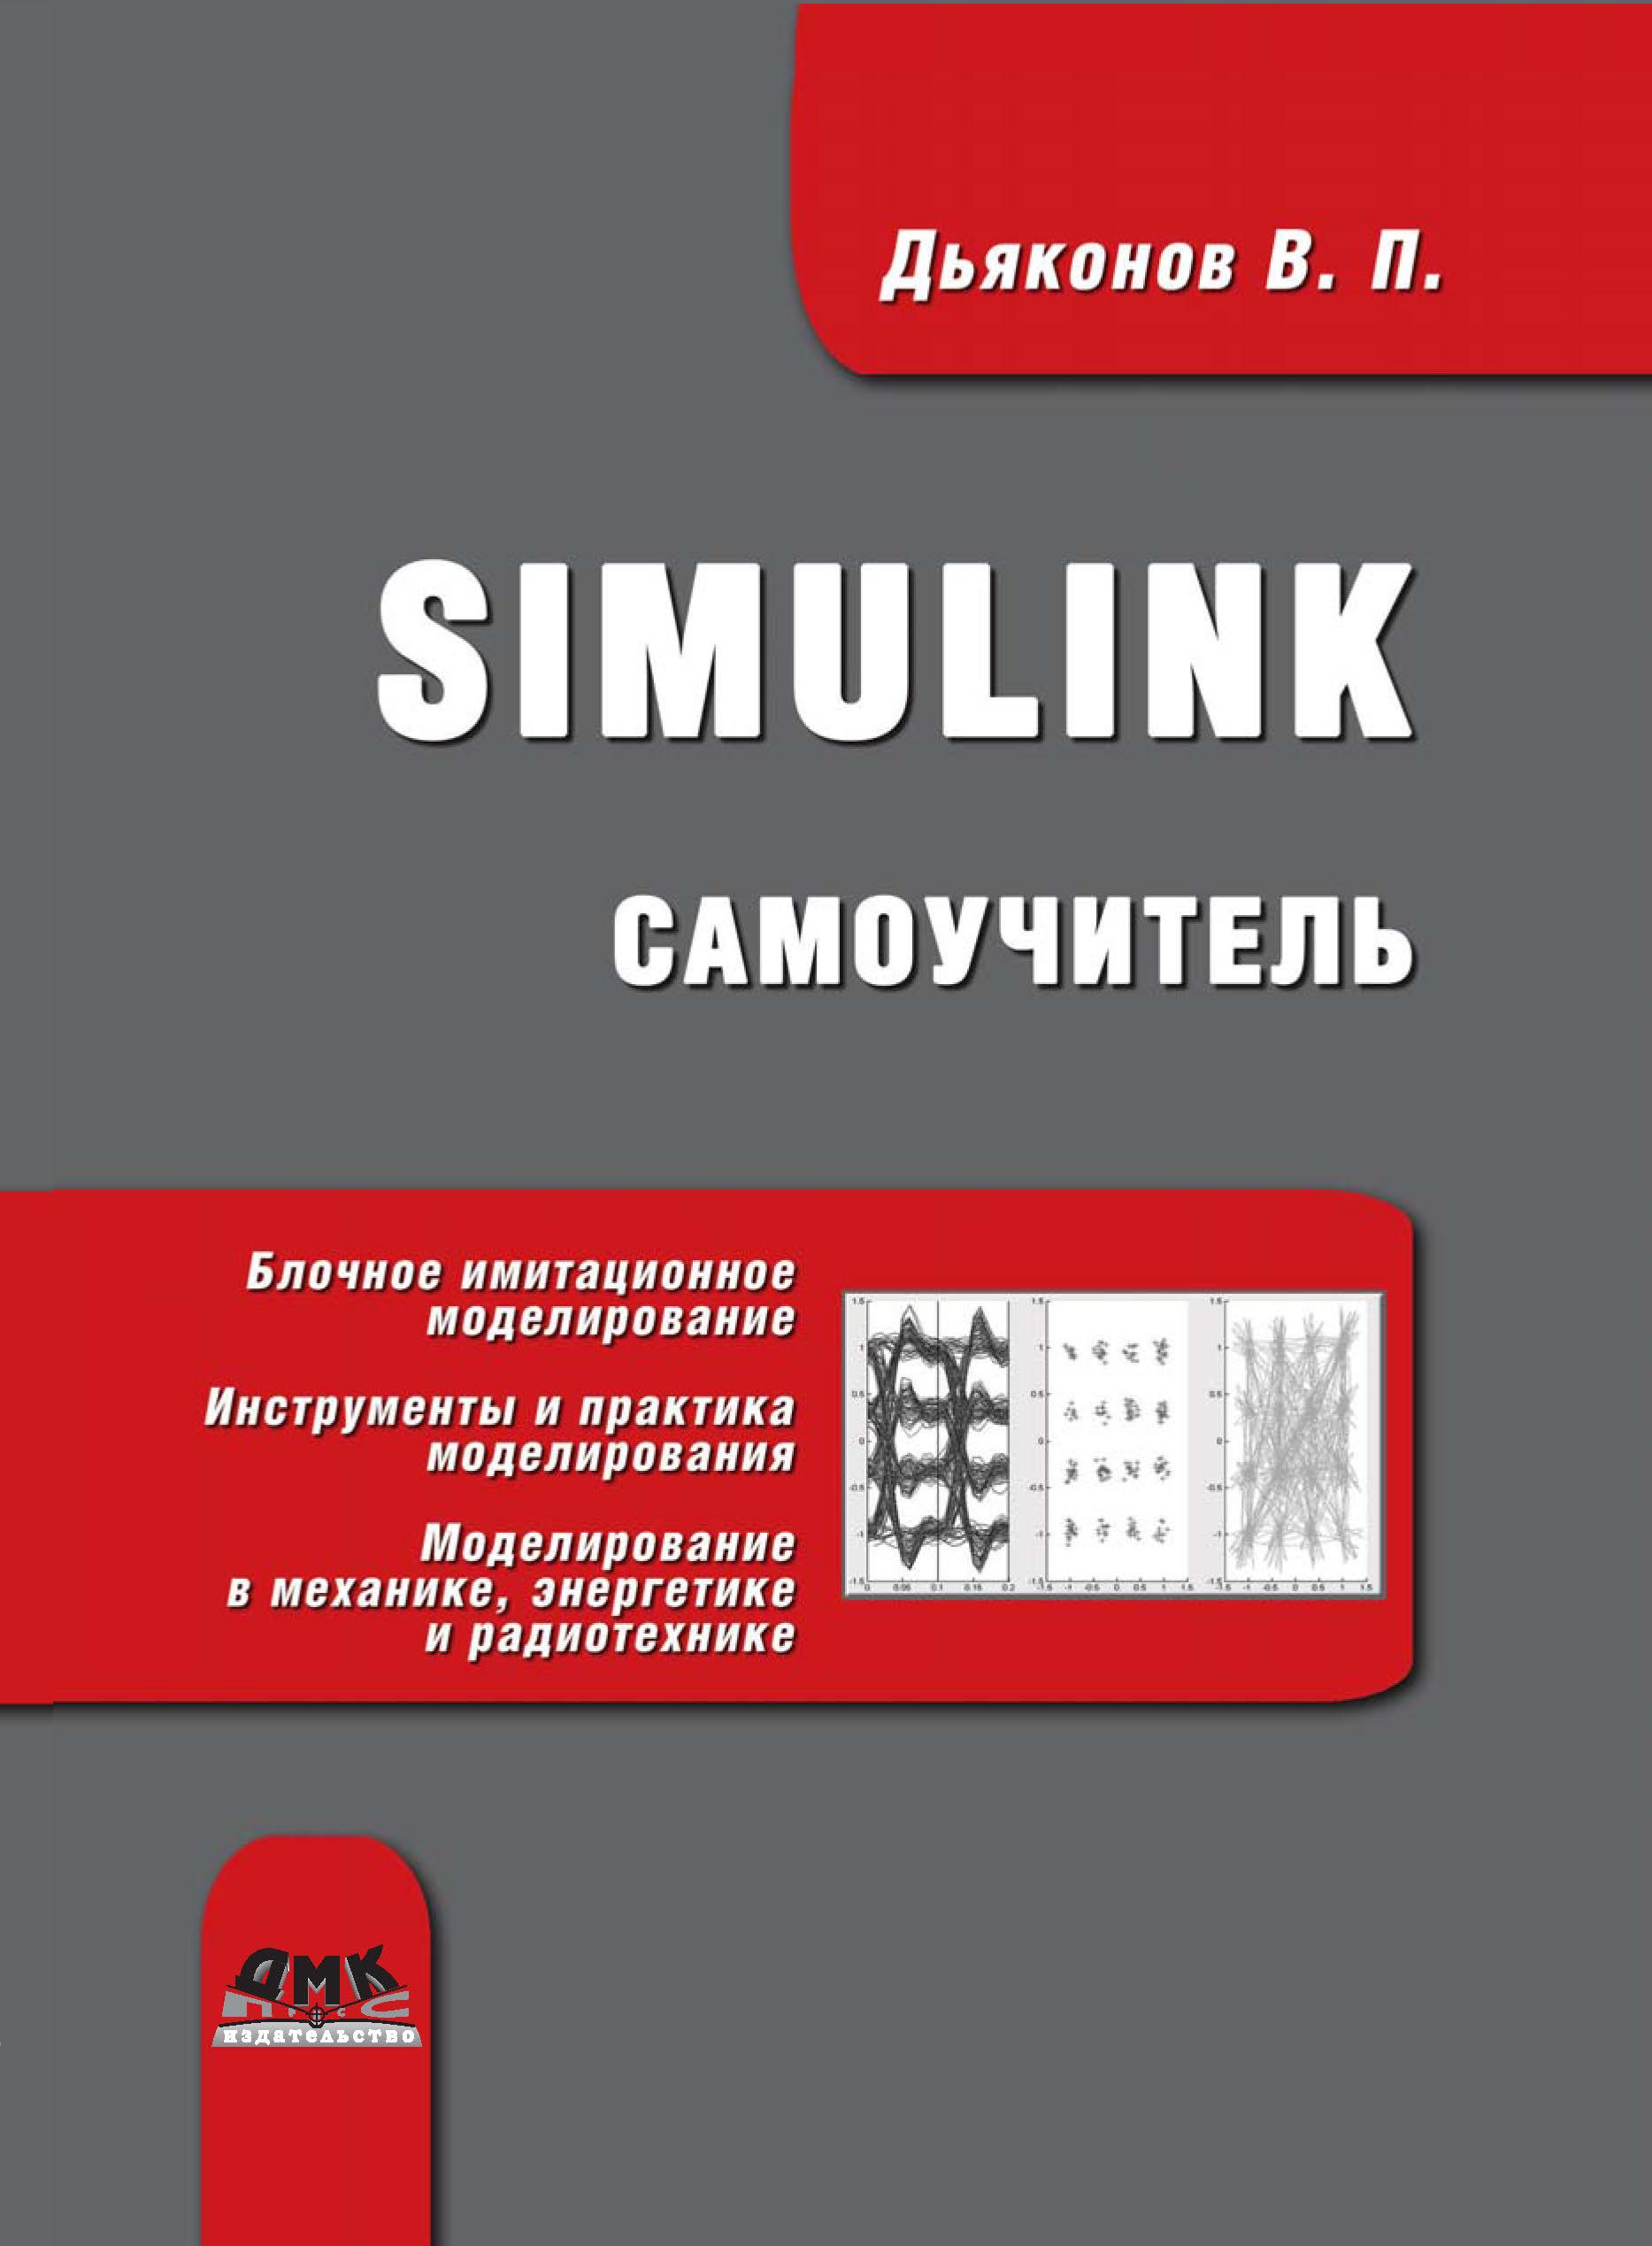 В. П. Дьяконов Simulink. Самоучитель в п дьяконов matlab r2006 2007 2008 simulink 5 6 7 основы применения